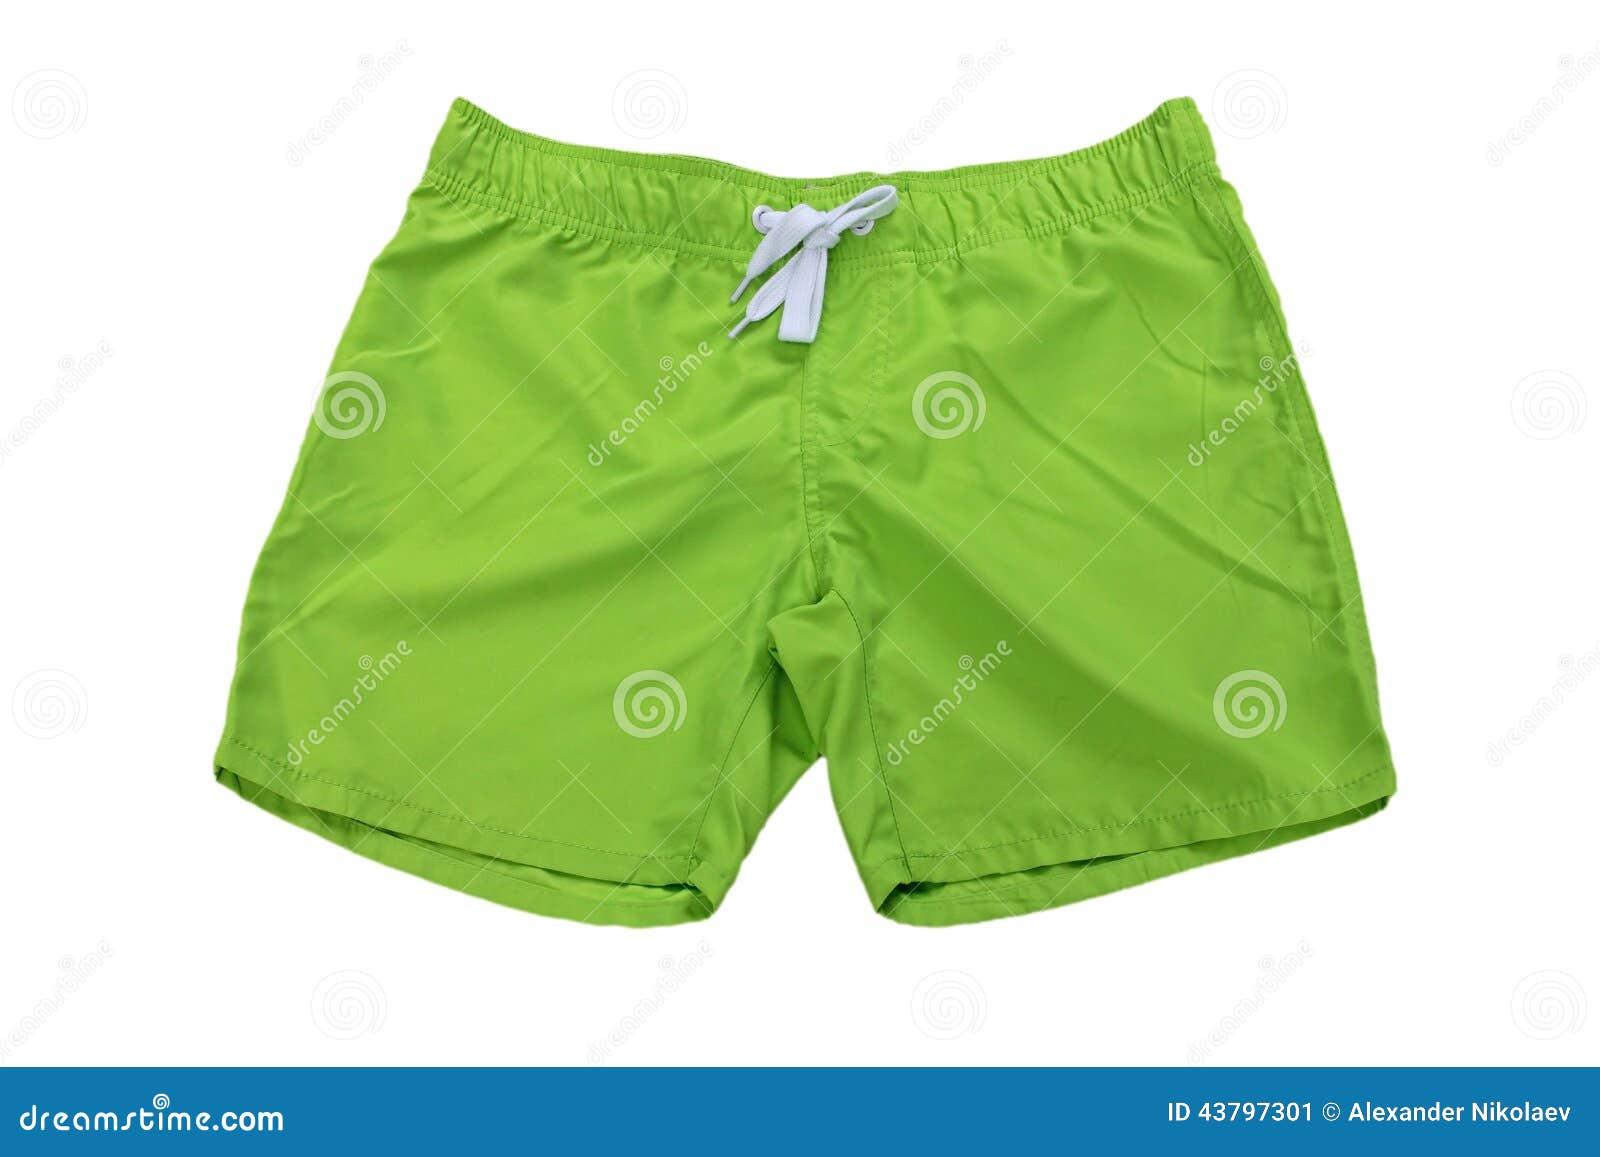 Man s wear – shorts green